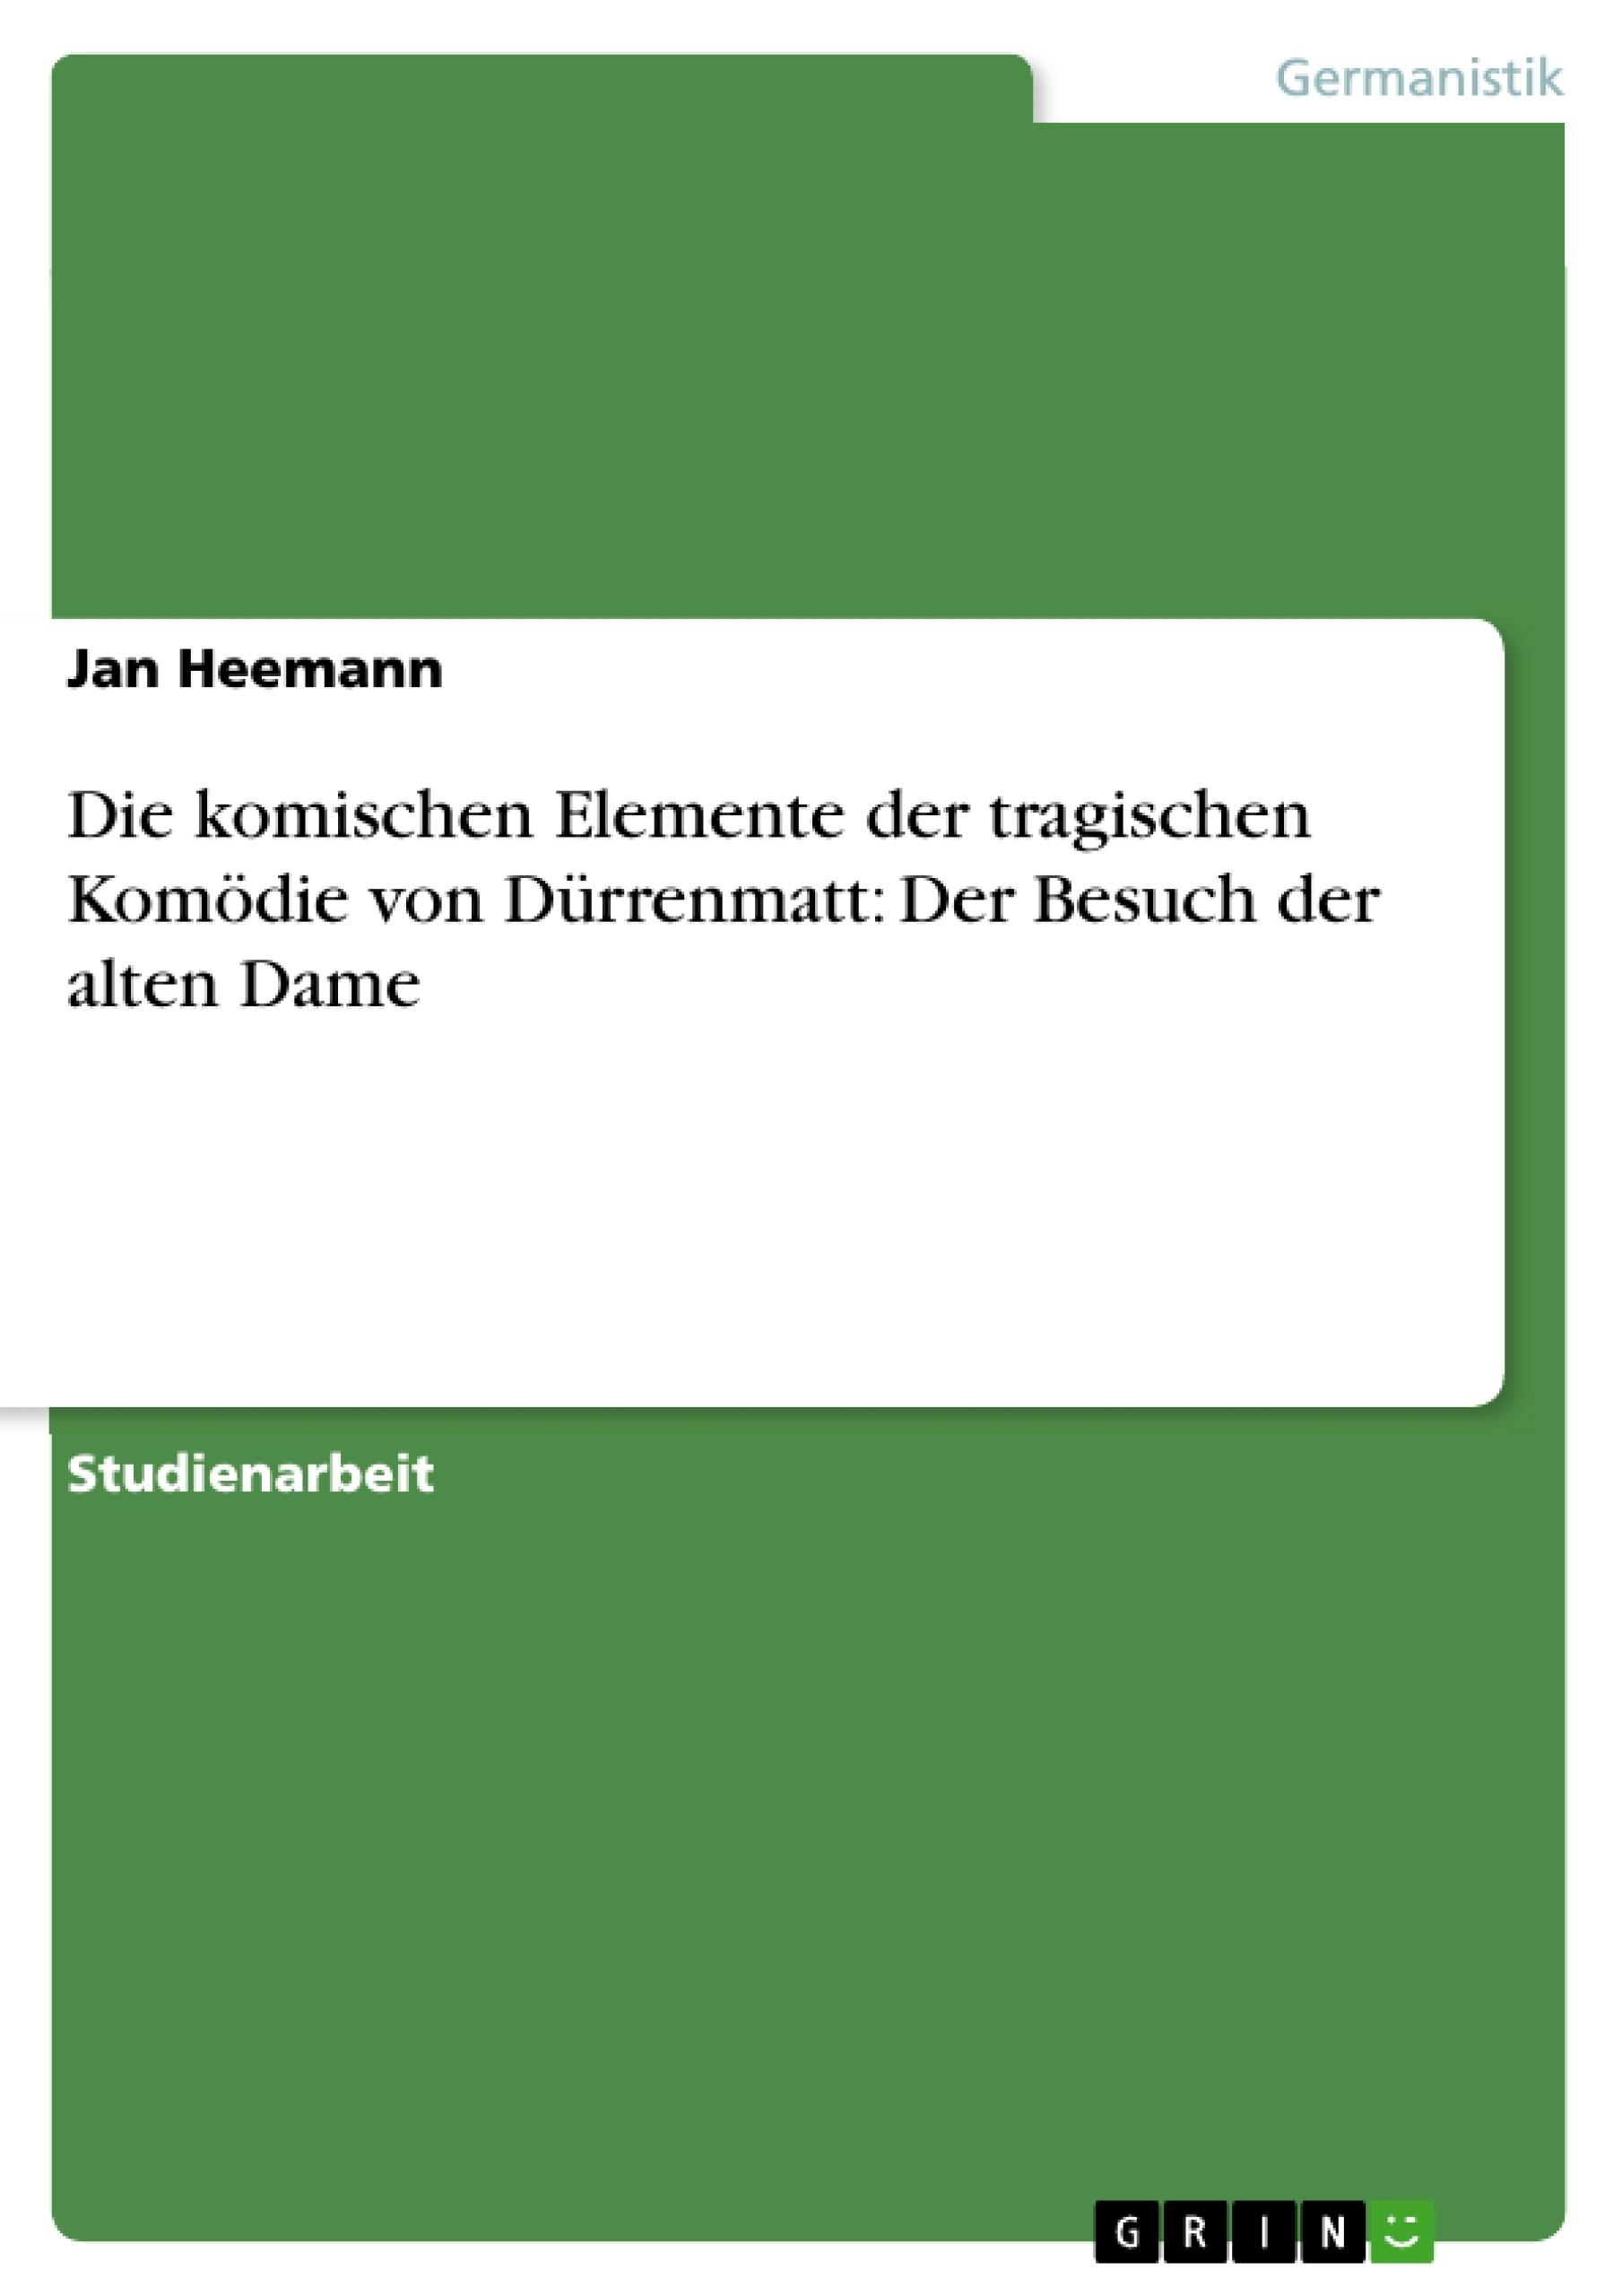 Titel: Die komischen Elemente der tragischen Komödie von Dürrenmatt: Der Besuch der alten Dame